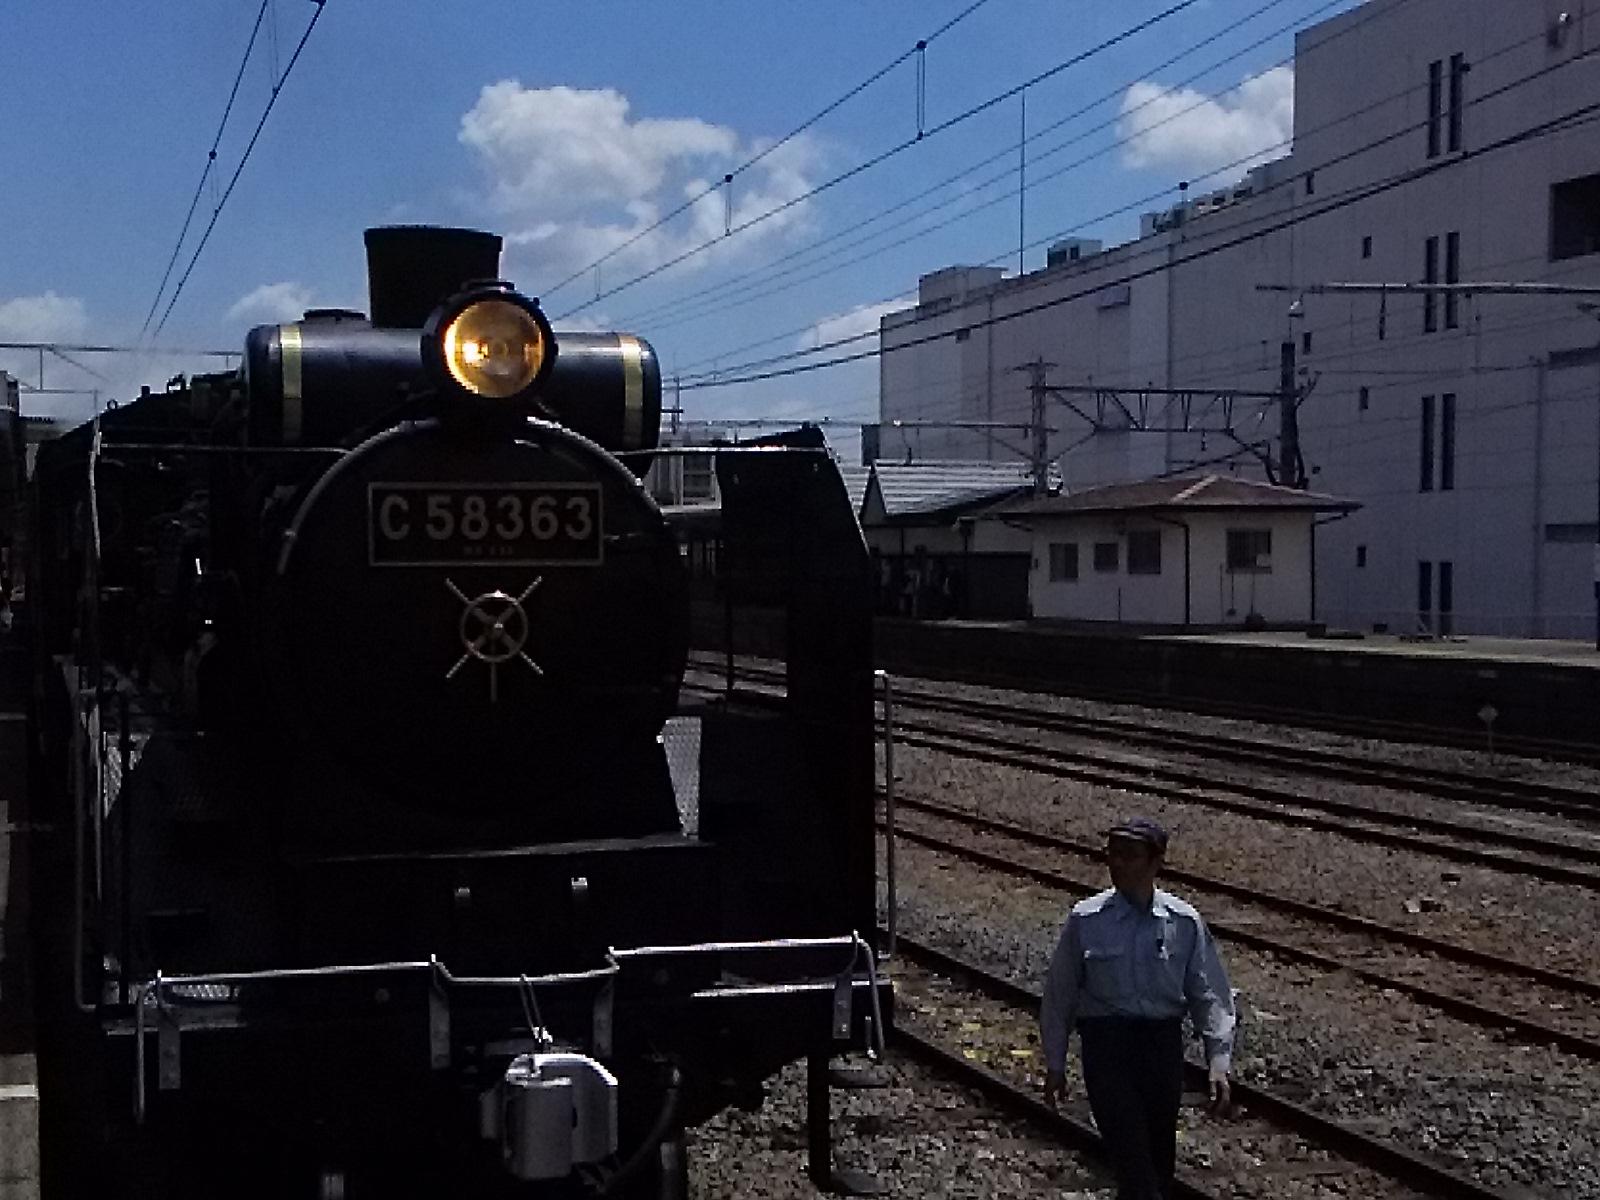 Dsc_1401